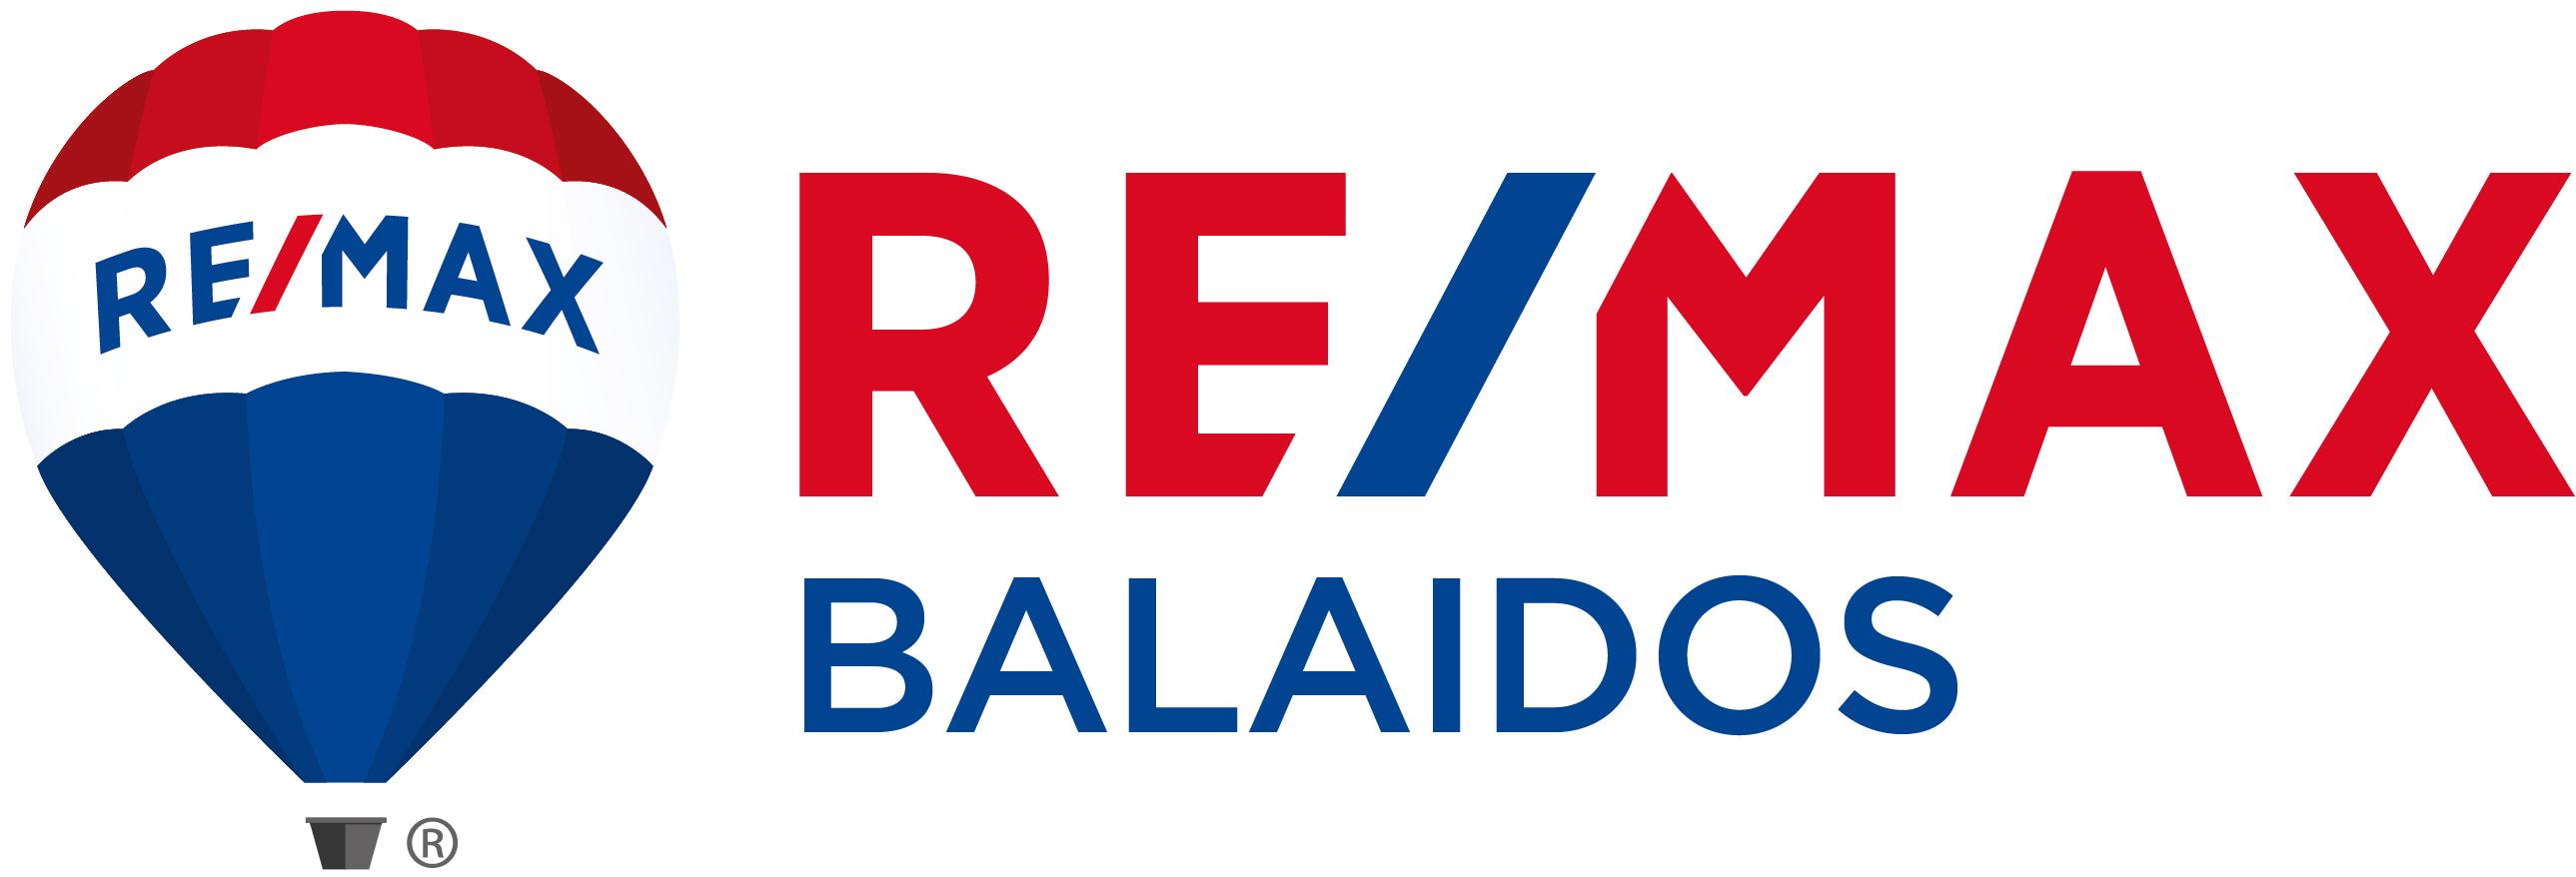 RE/MAX Balaídos